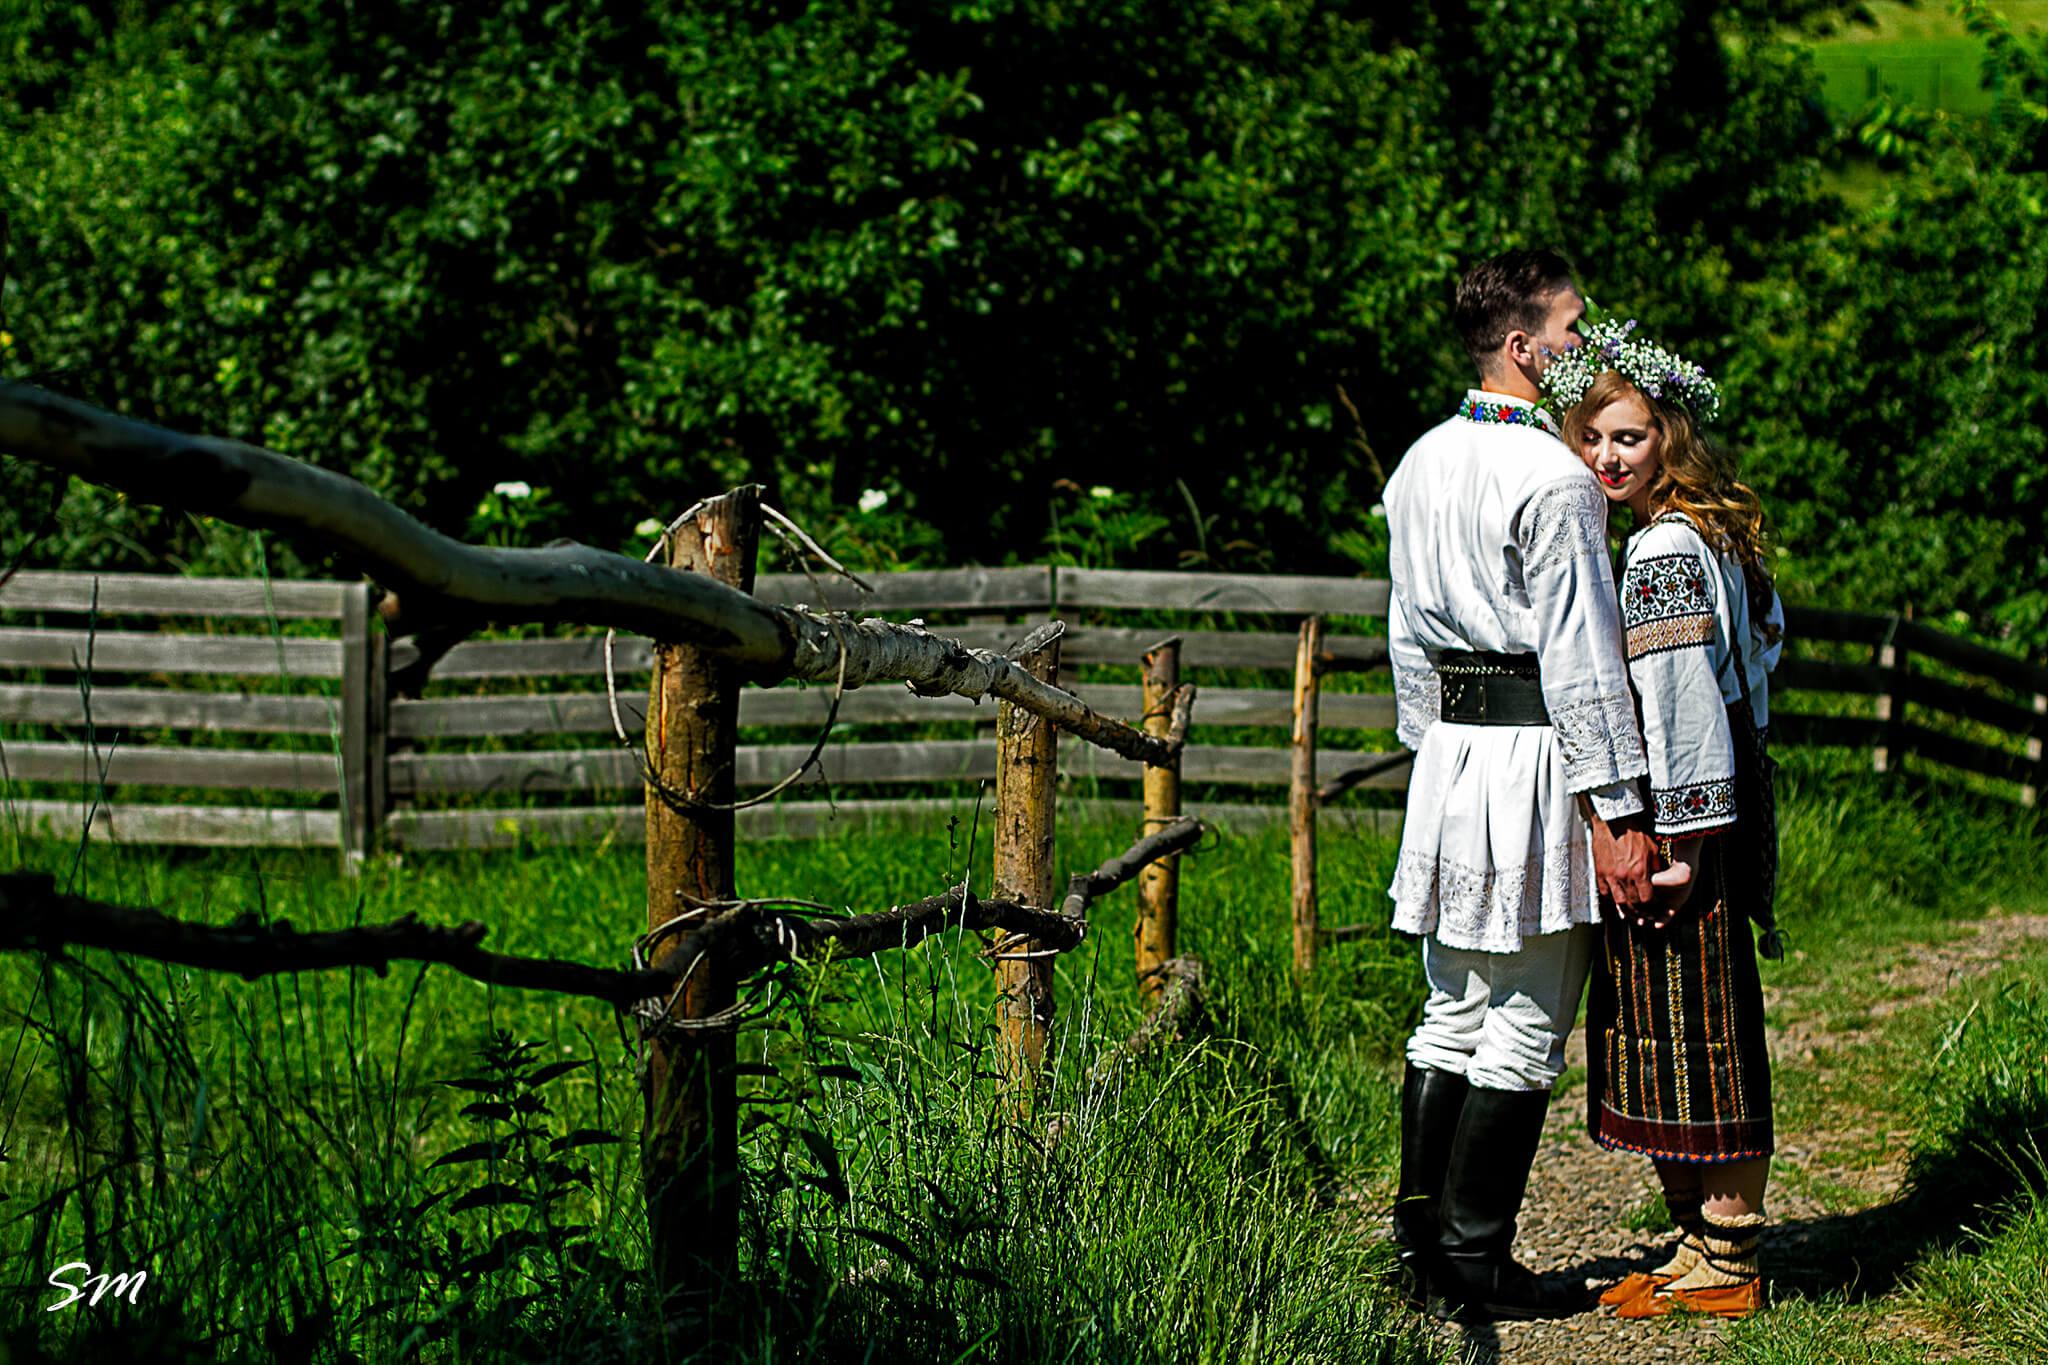 fotografii_nunta_suceava_muzeul_satului (14)